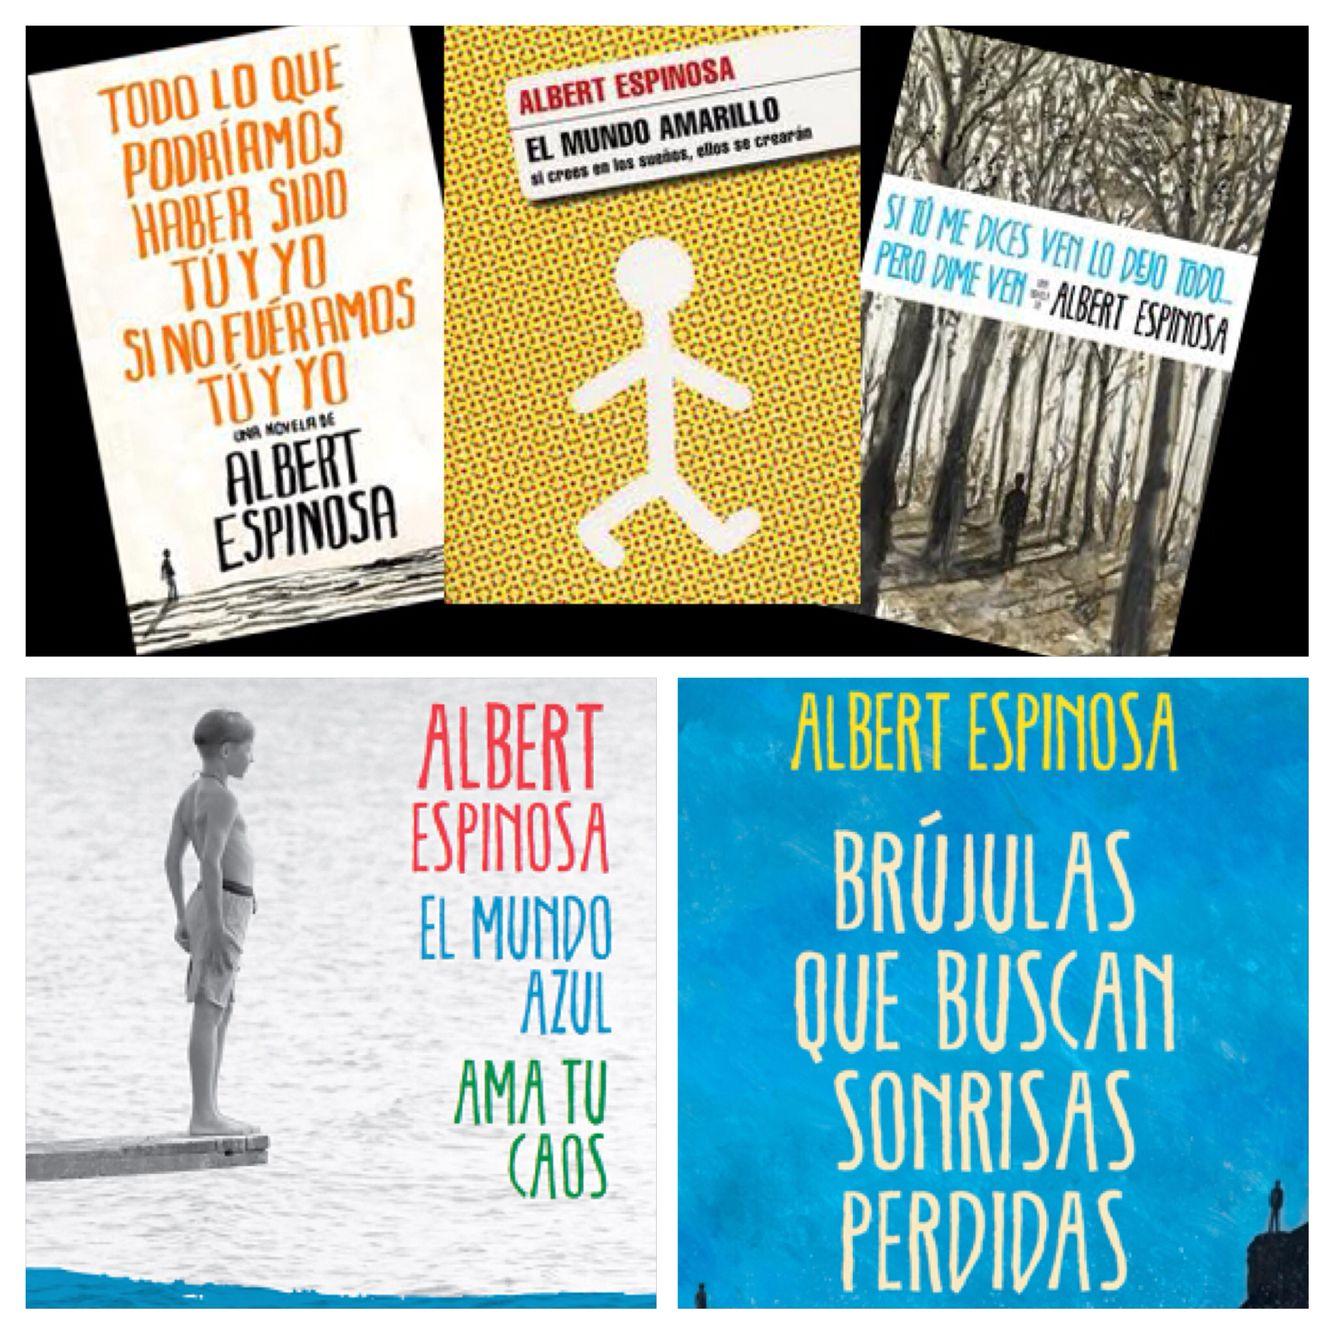 Todos los libros de Albert Espinosa.Los recomiendo todos!Merece mucho la pena leer cada uno de estos 5 libro.